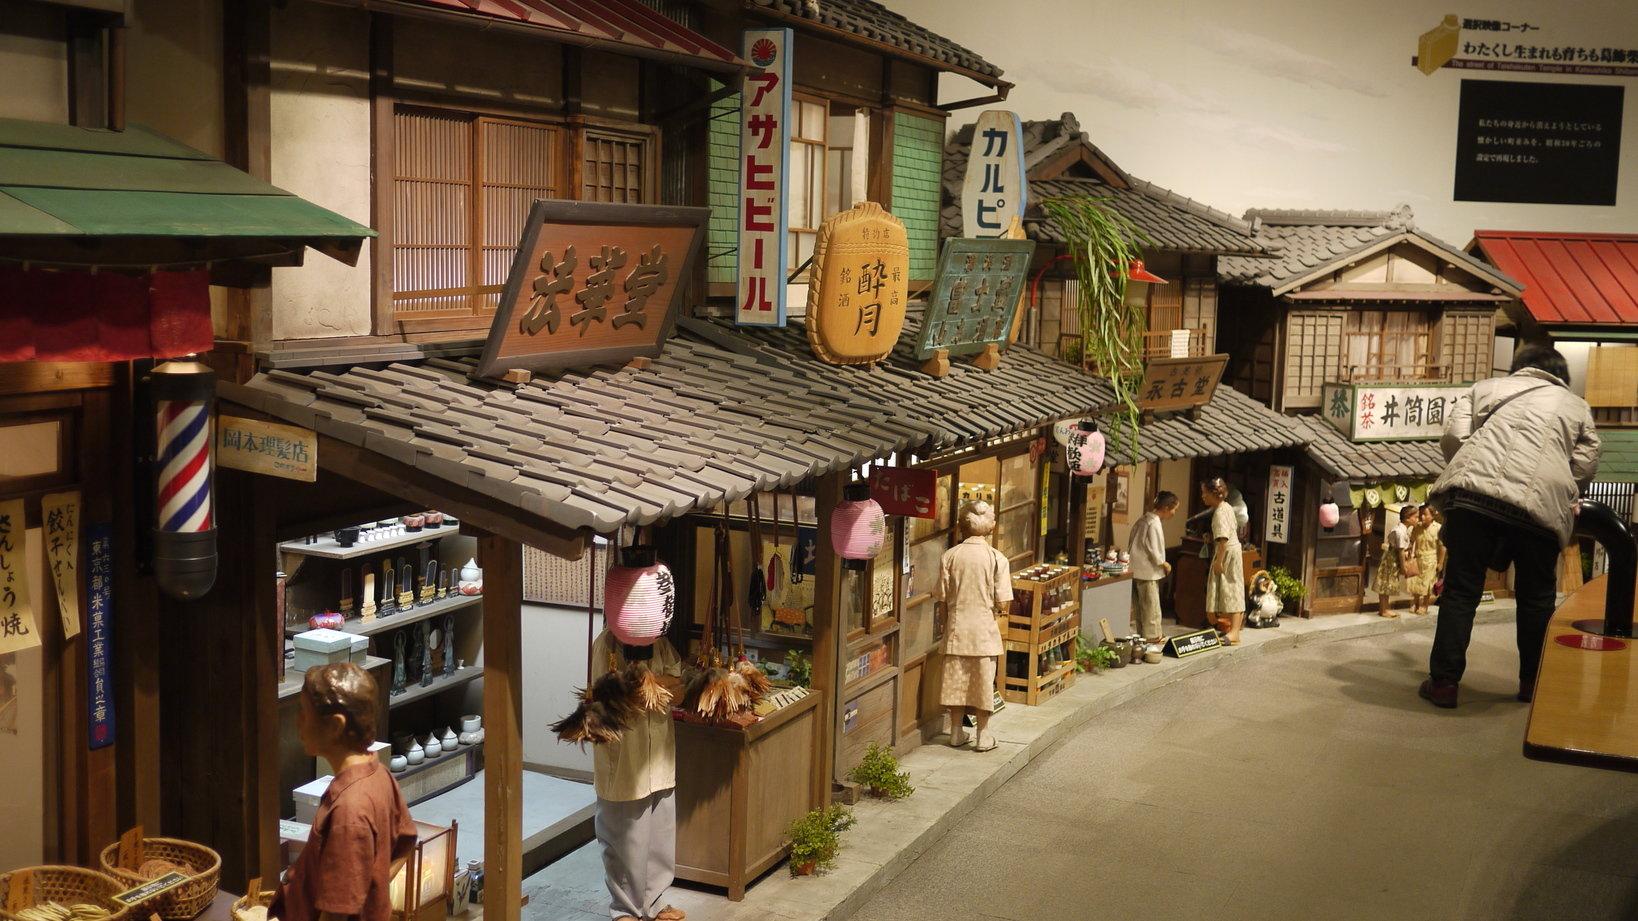 昭和の風情を再現したジオラマコーナー。細かい部分まで精密に作られています。